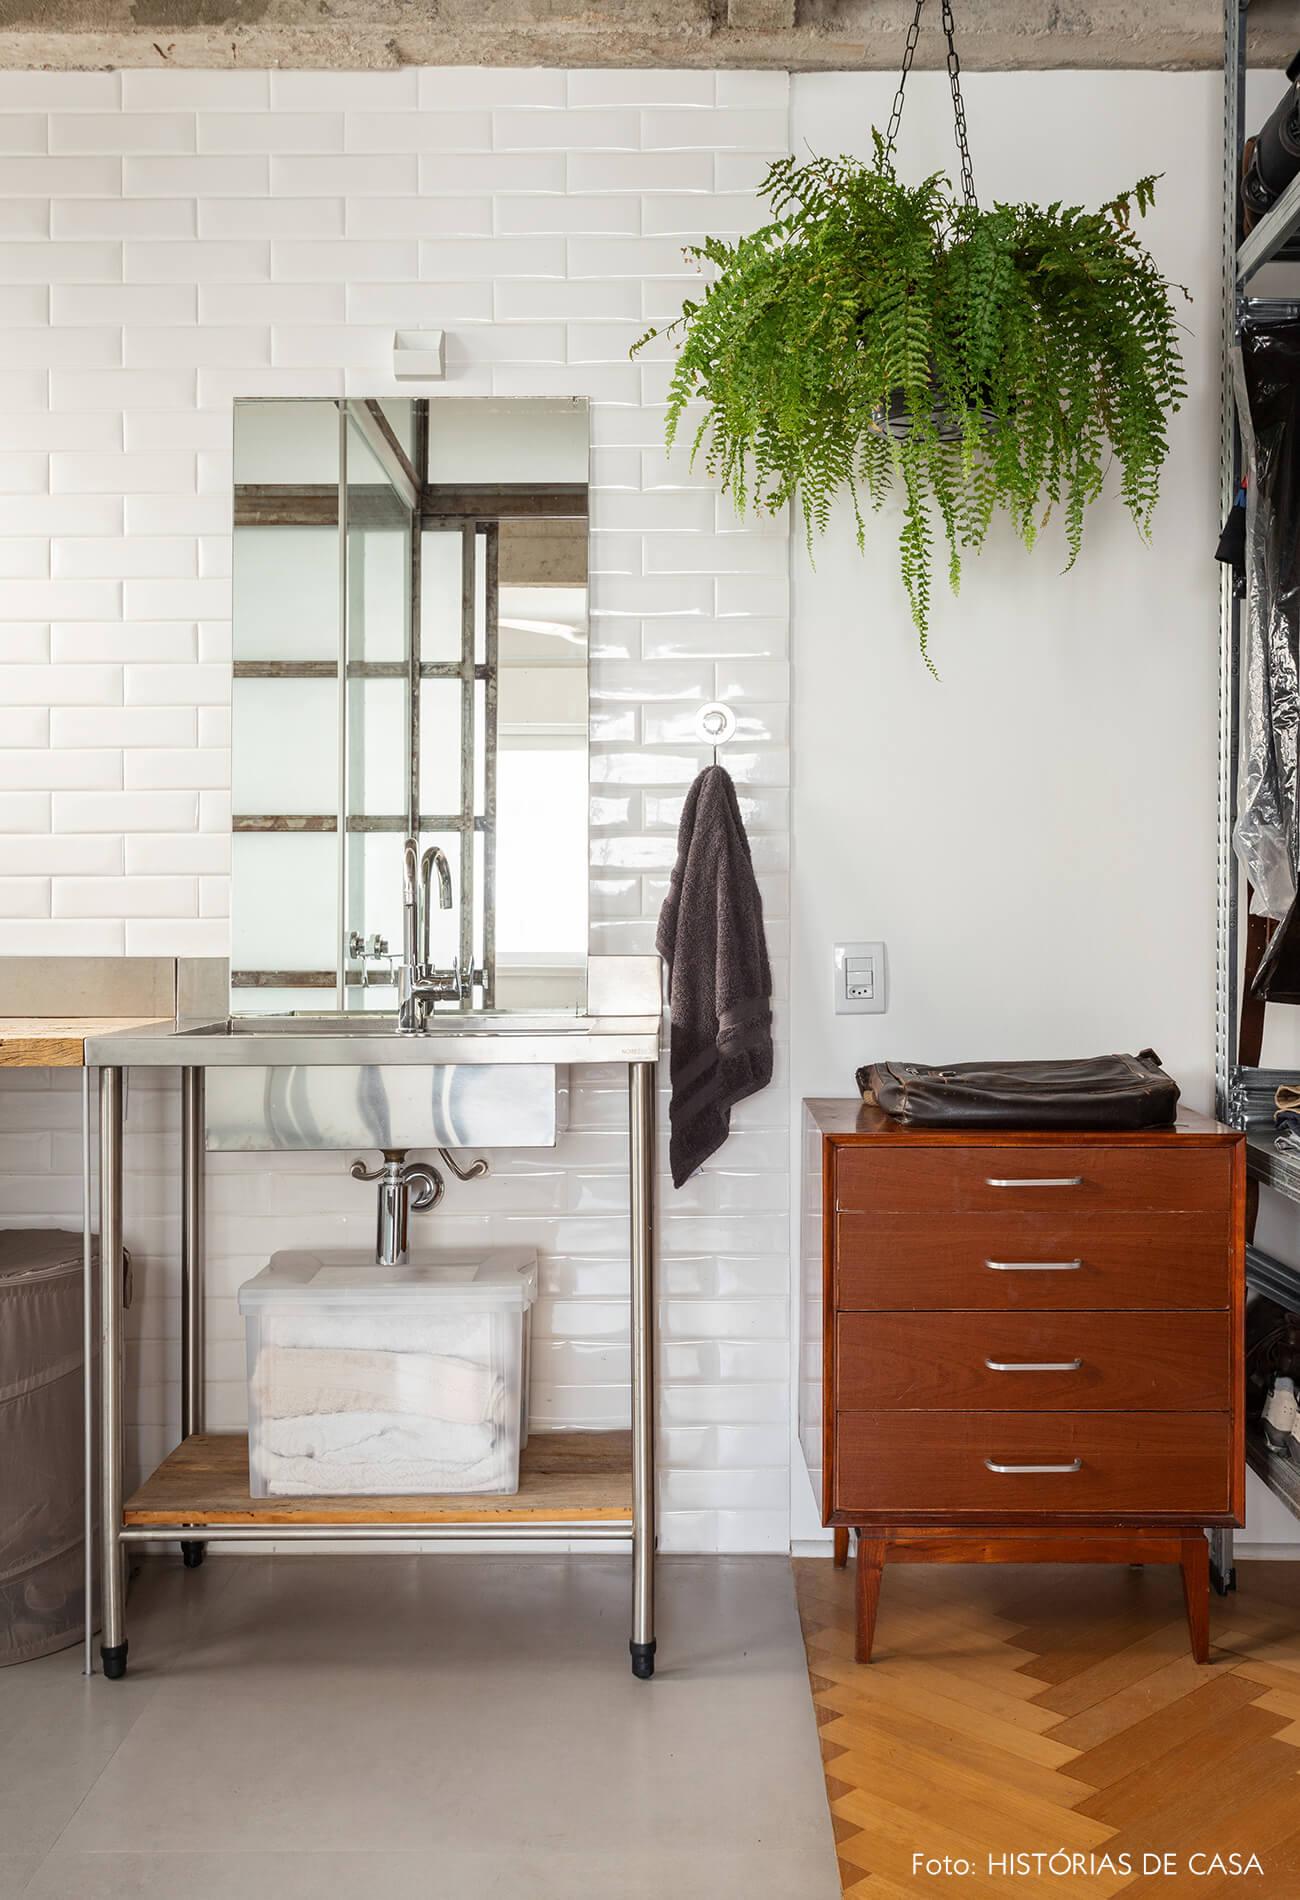 Banheiro com estilo industrial e bancada de inox